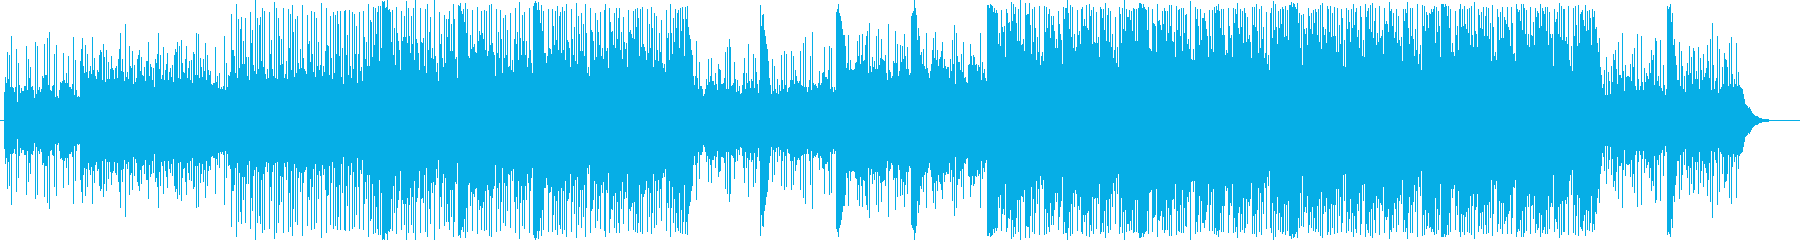 心のゆとりを感じるBGMの再生済みの波形